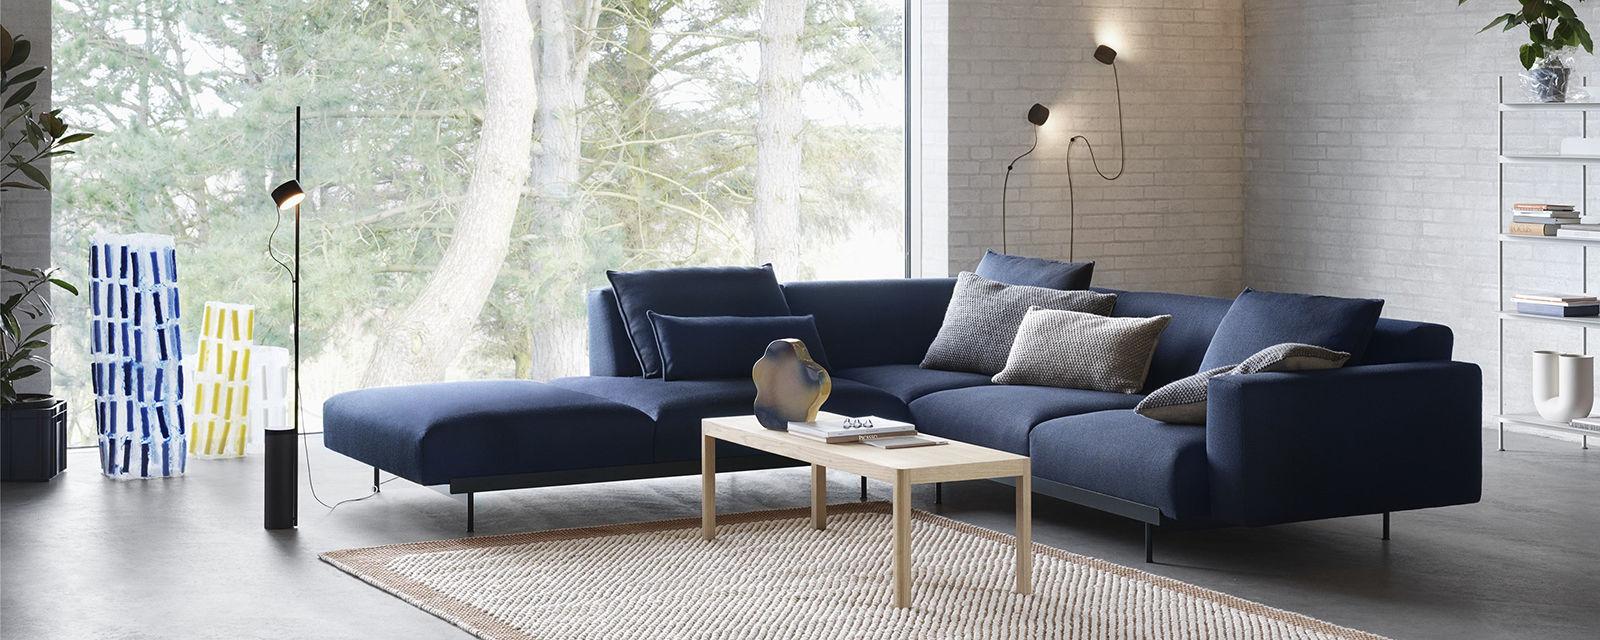 Muuto - In Situ Modular Sofa & Accessories